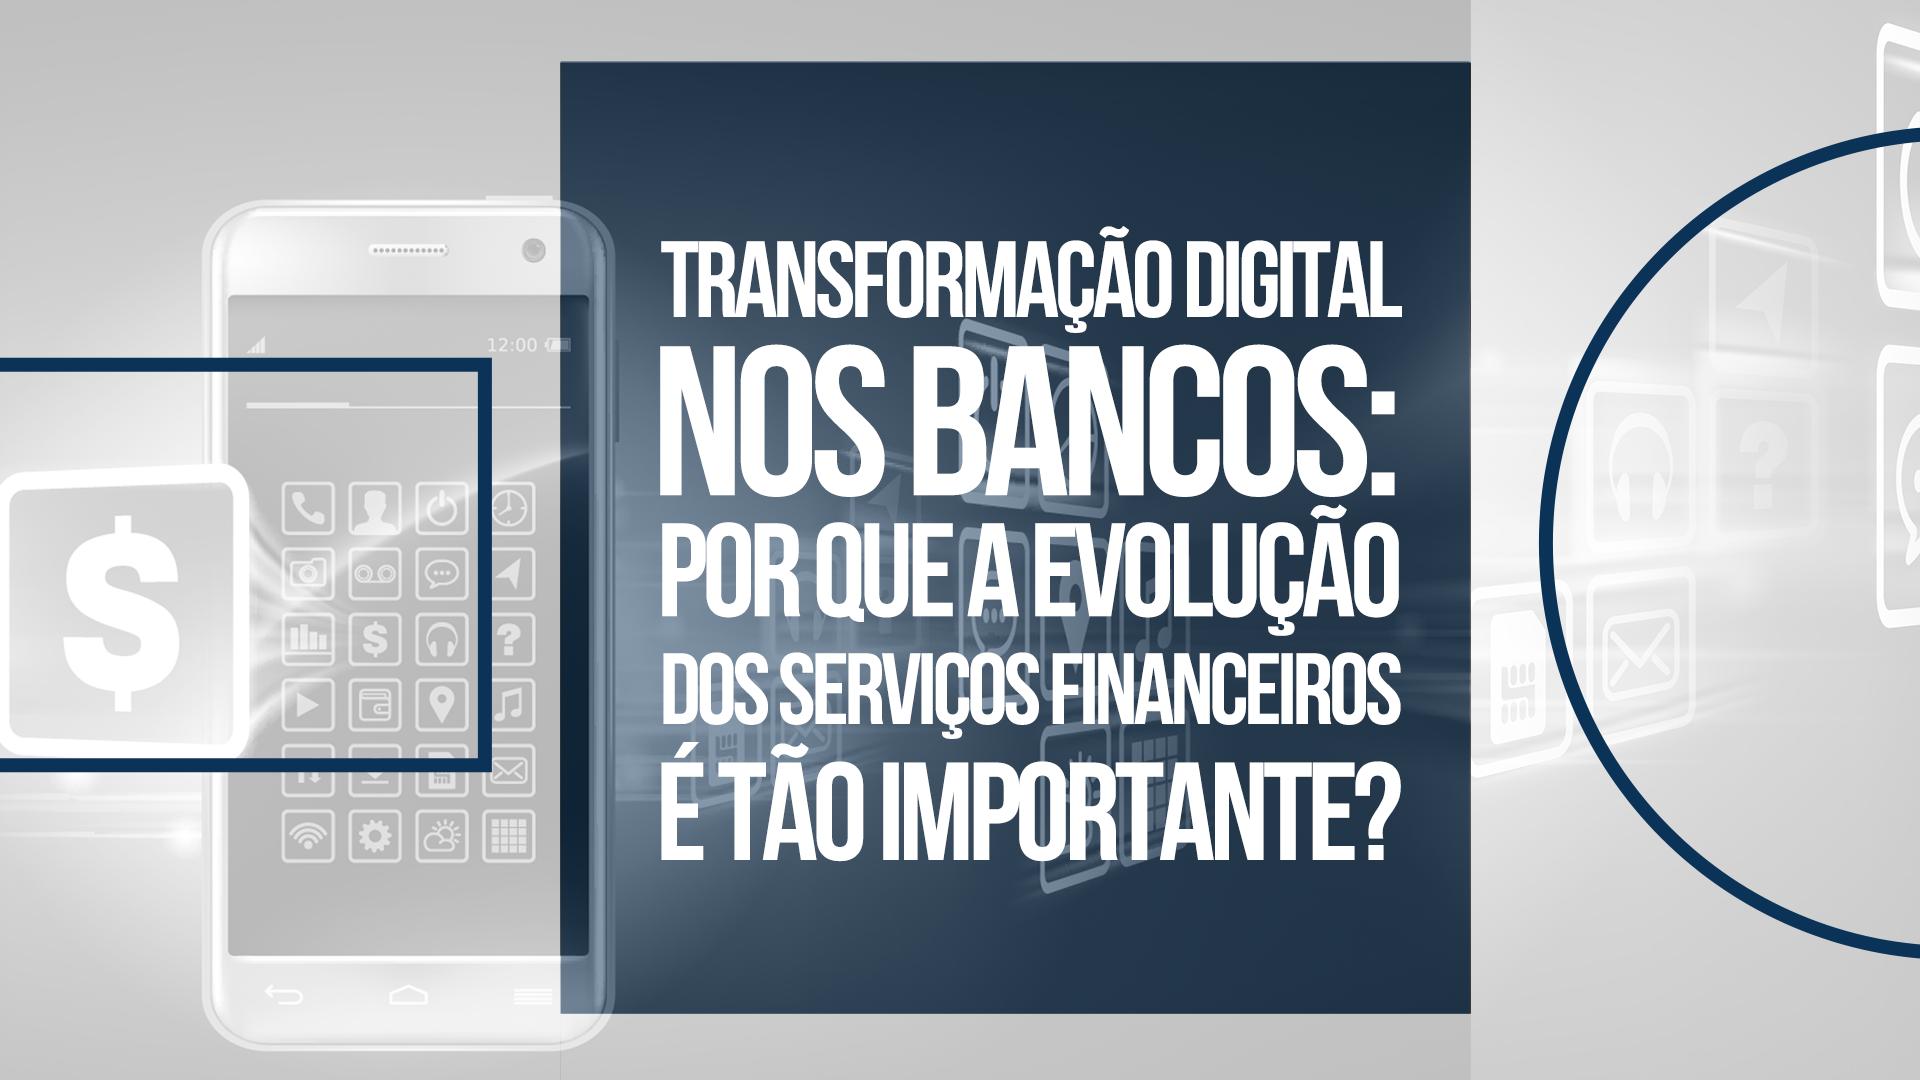 Transformação digital nos bancos: por que a evolução dos serviços financeiros é tão importante?